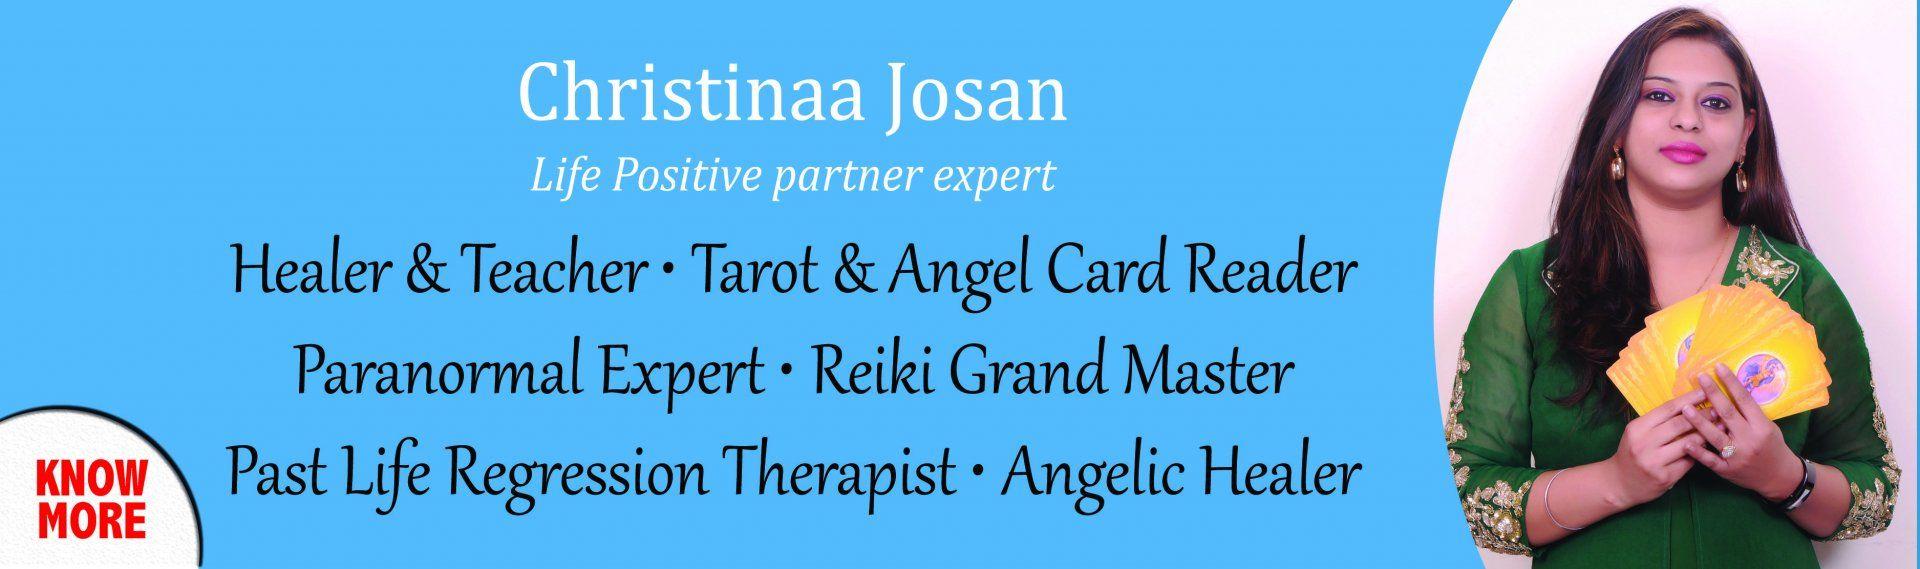 christinaa-josan